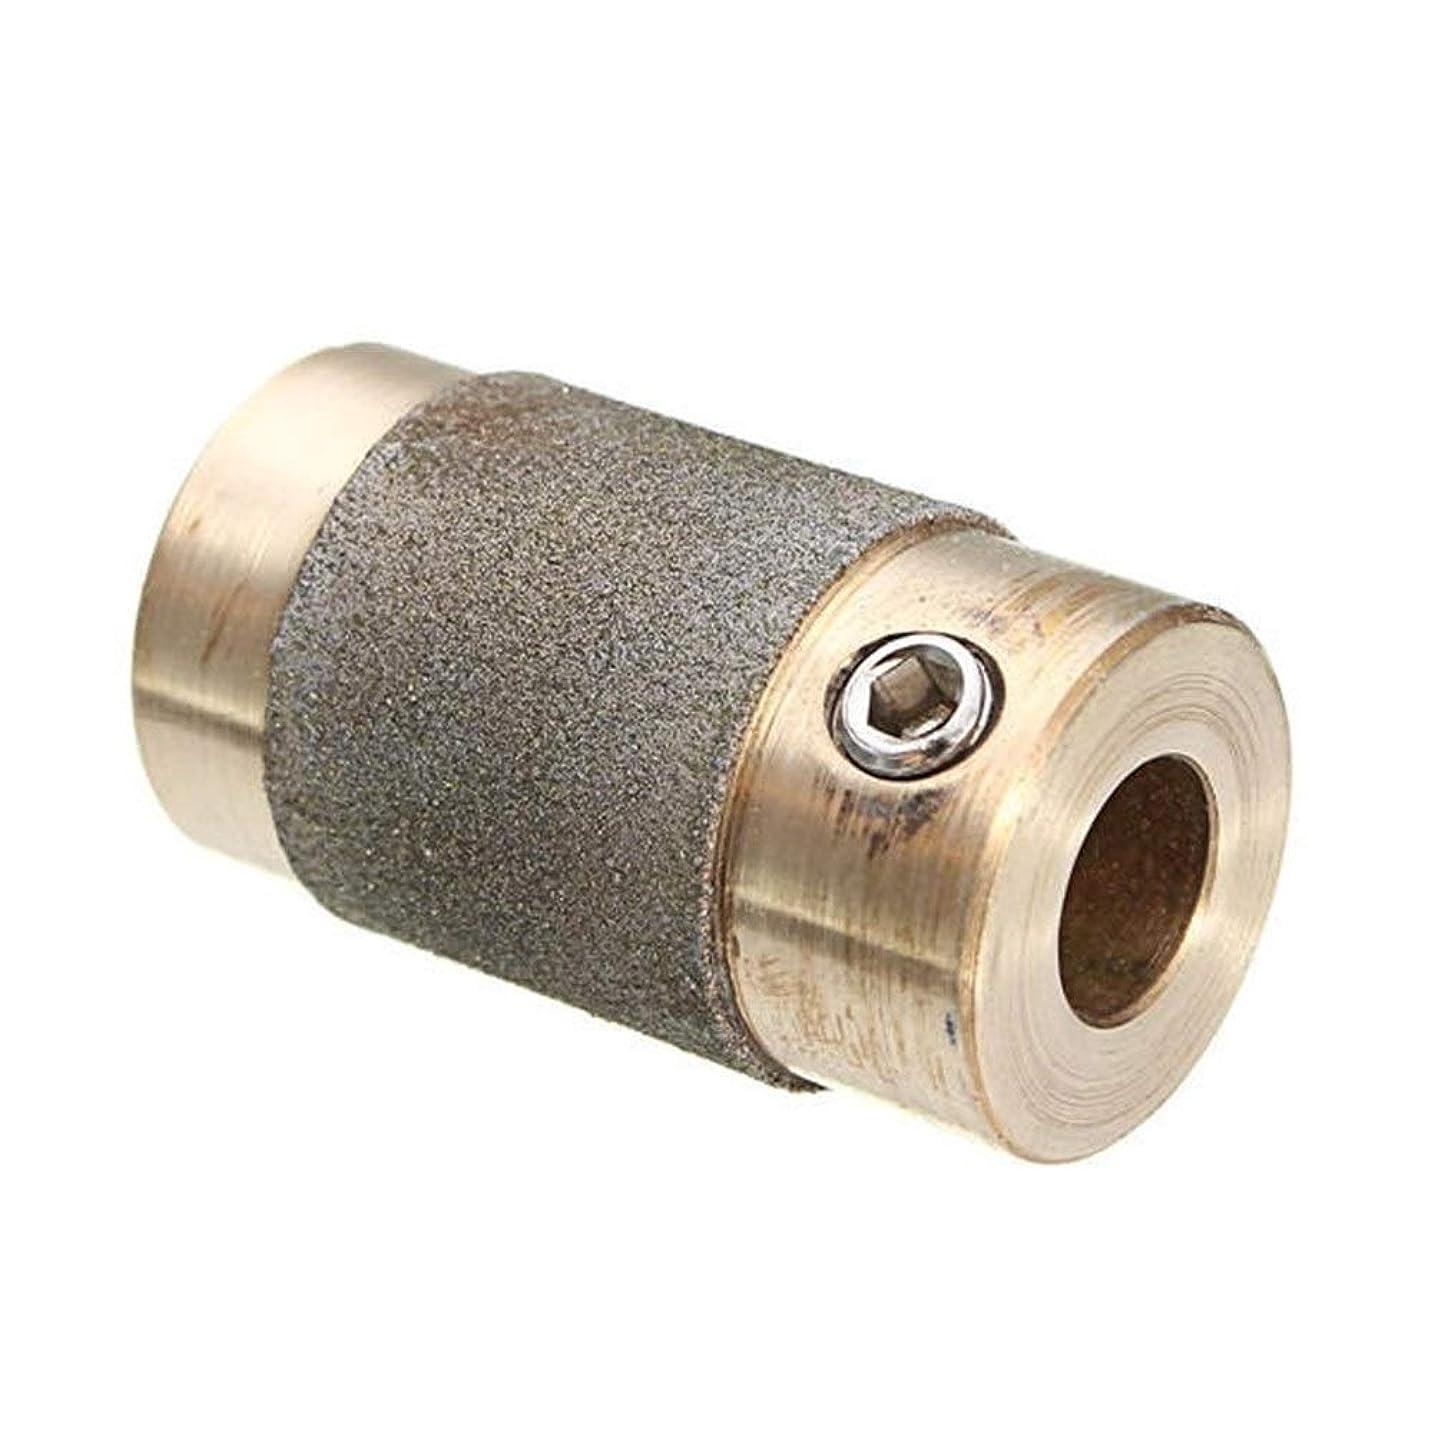 誘導鼻すぐに研削工具, 3/4インチグラインダーヘッドダイヤモンド銅グラインダー研削ビットMCB34ステンドグラス